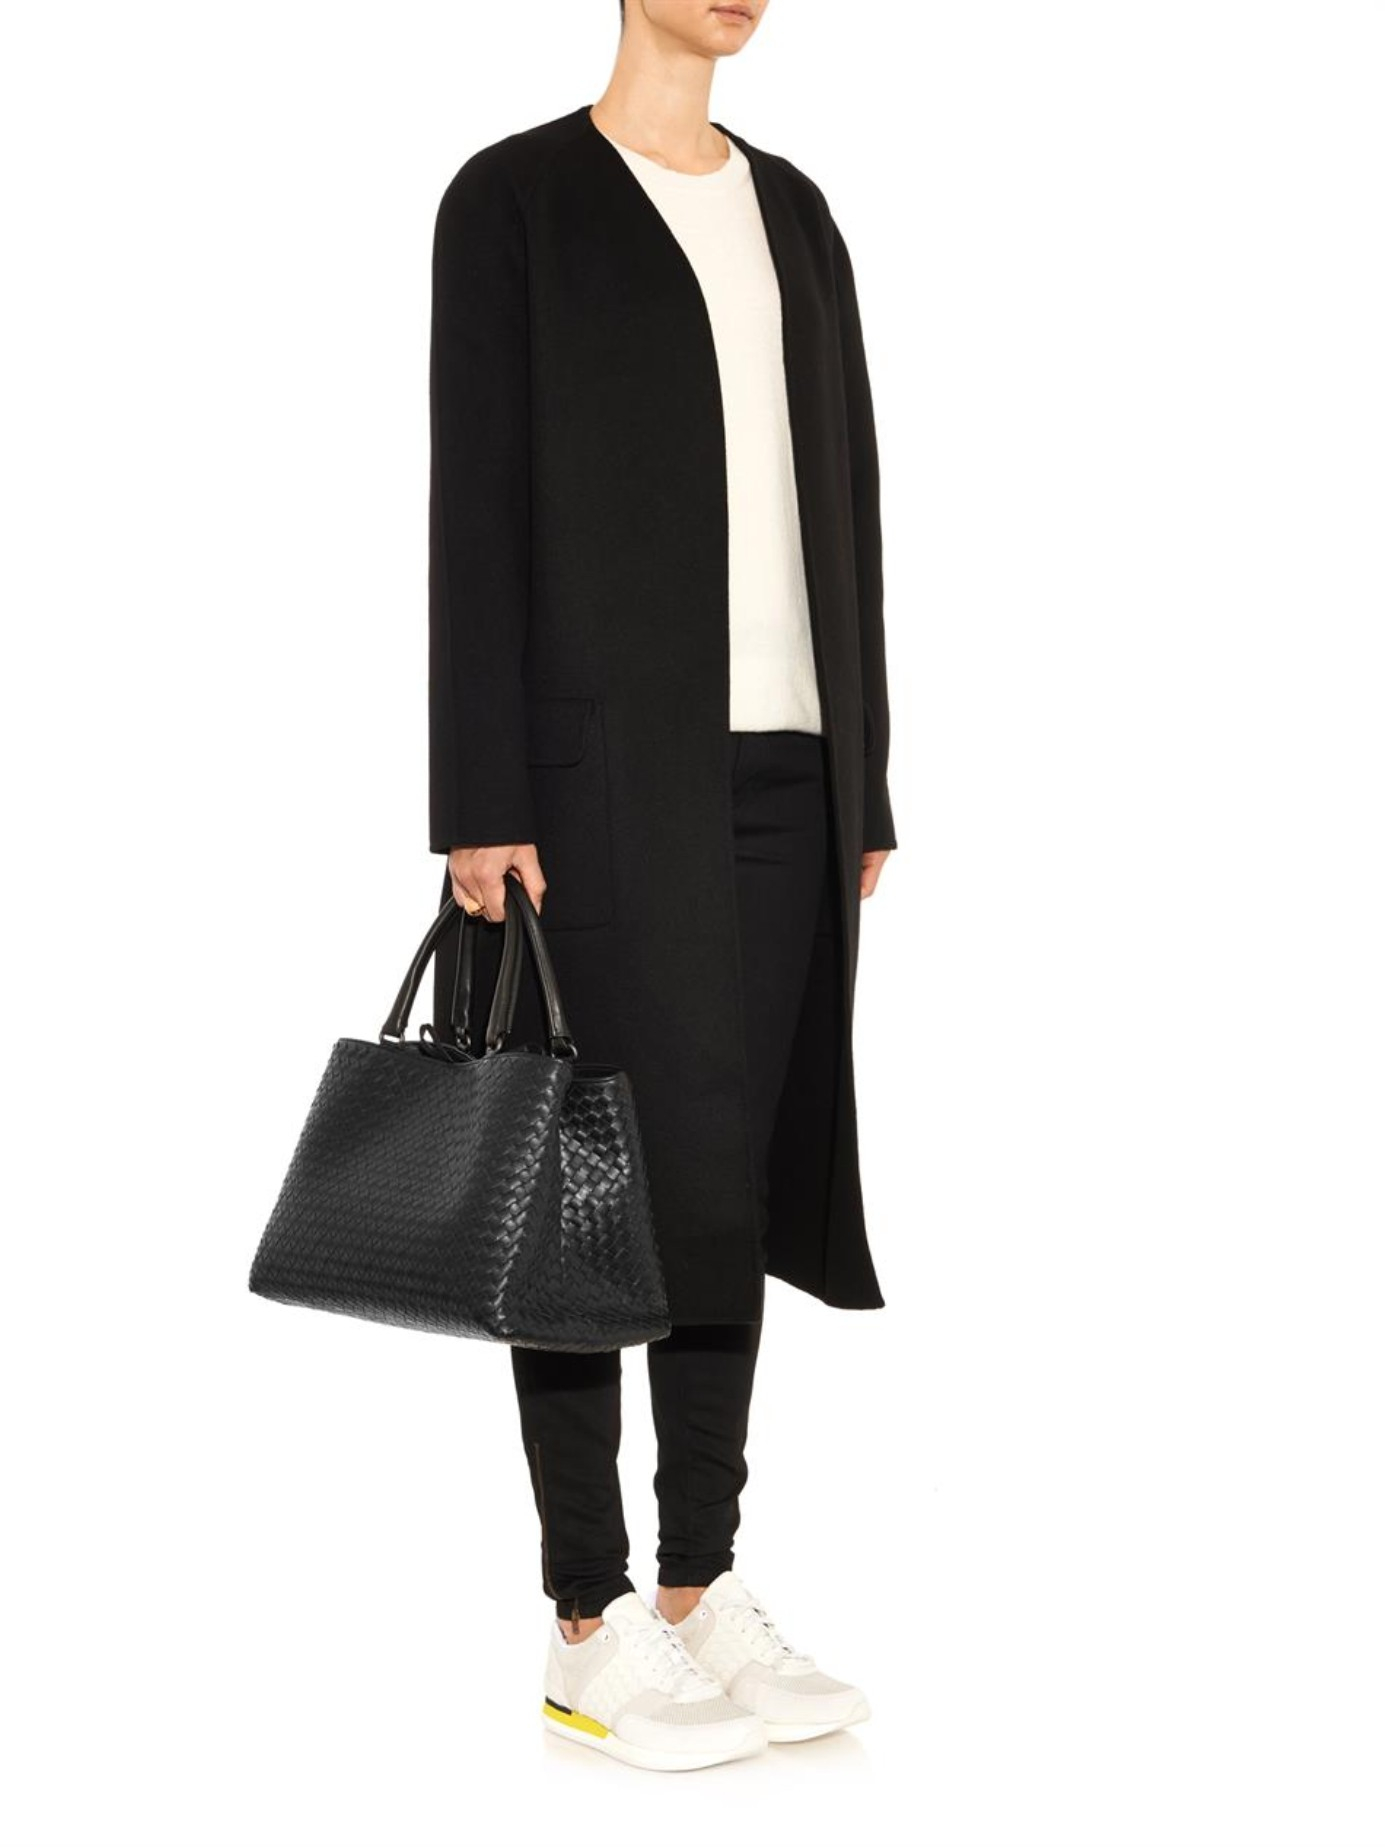 Bottega Veneta Milano Intrecciato Leather Tote in Black - Lyst 07956cb61f